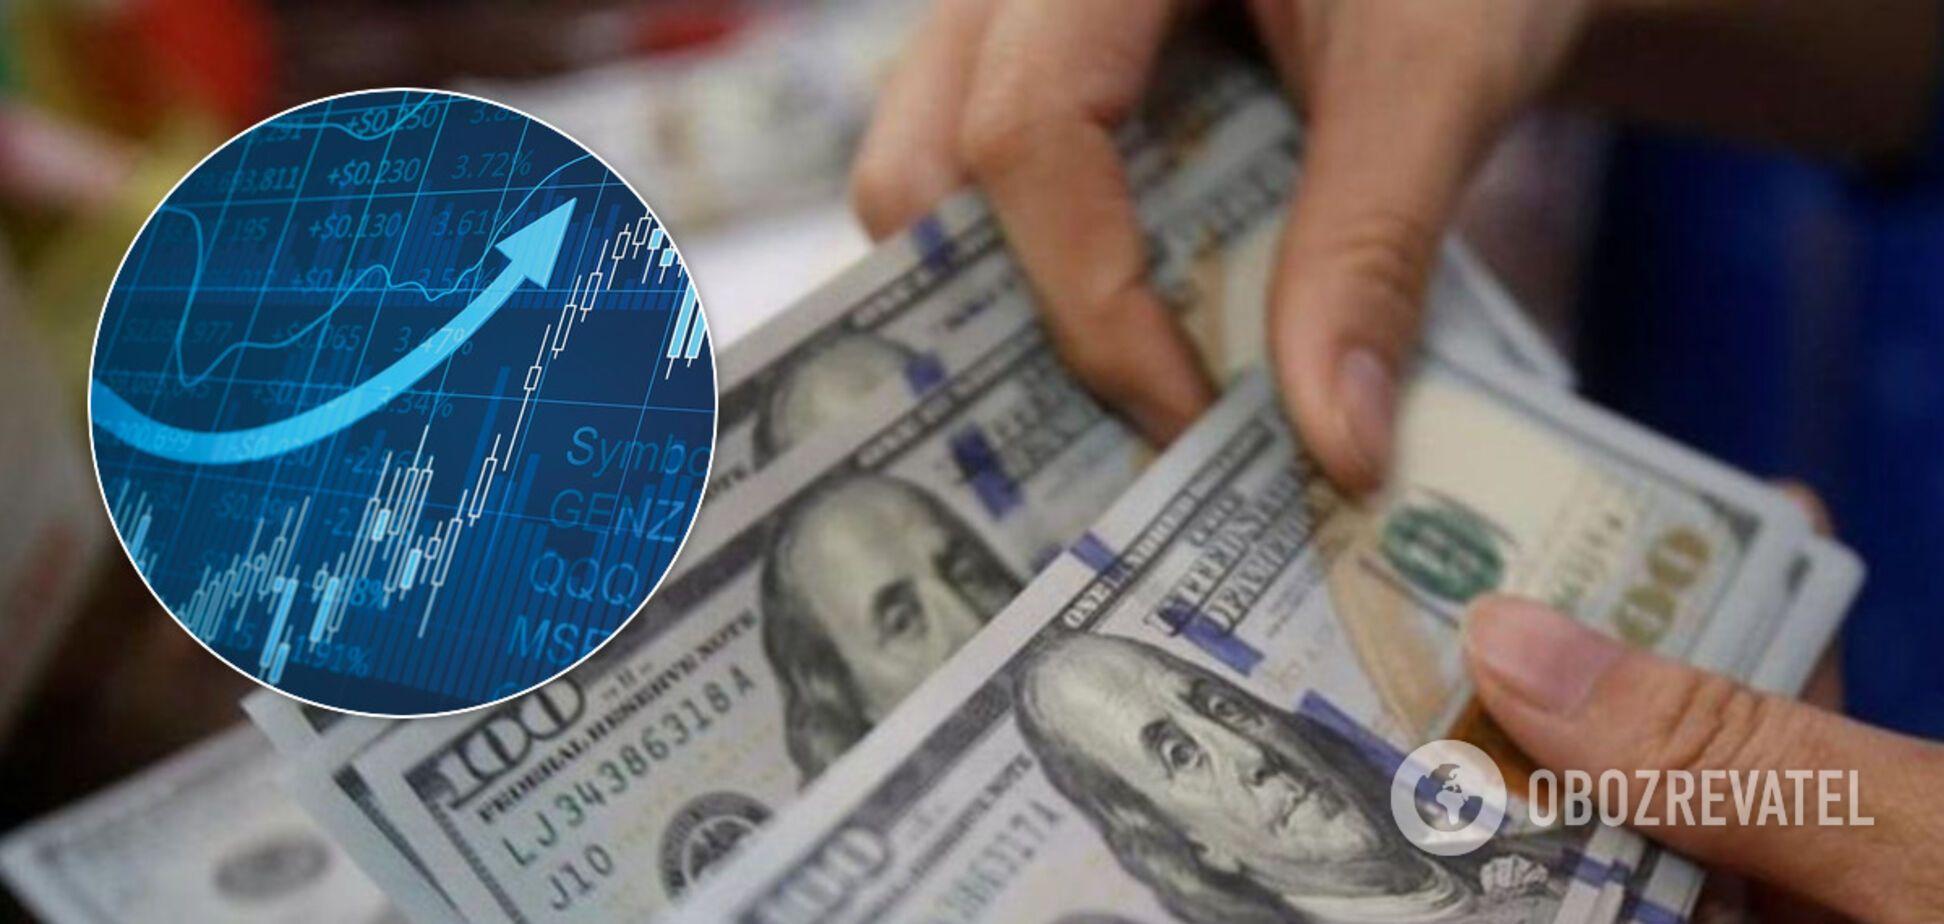 Гривня зупинила падіння: оновлено курс на міжбанку